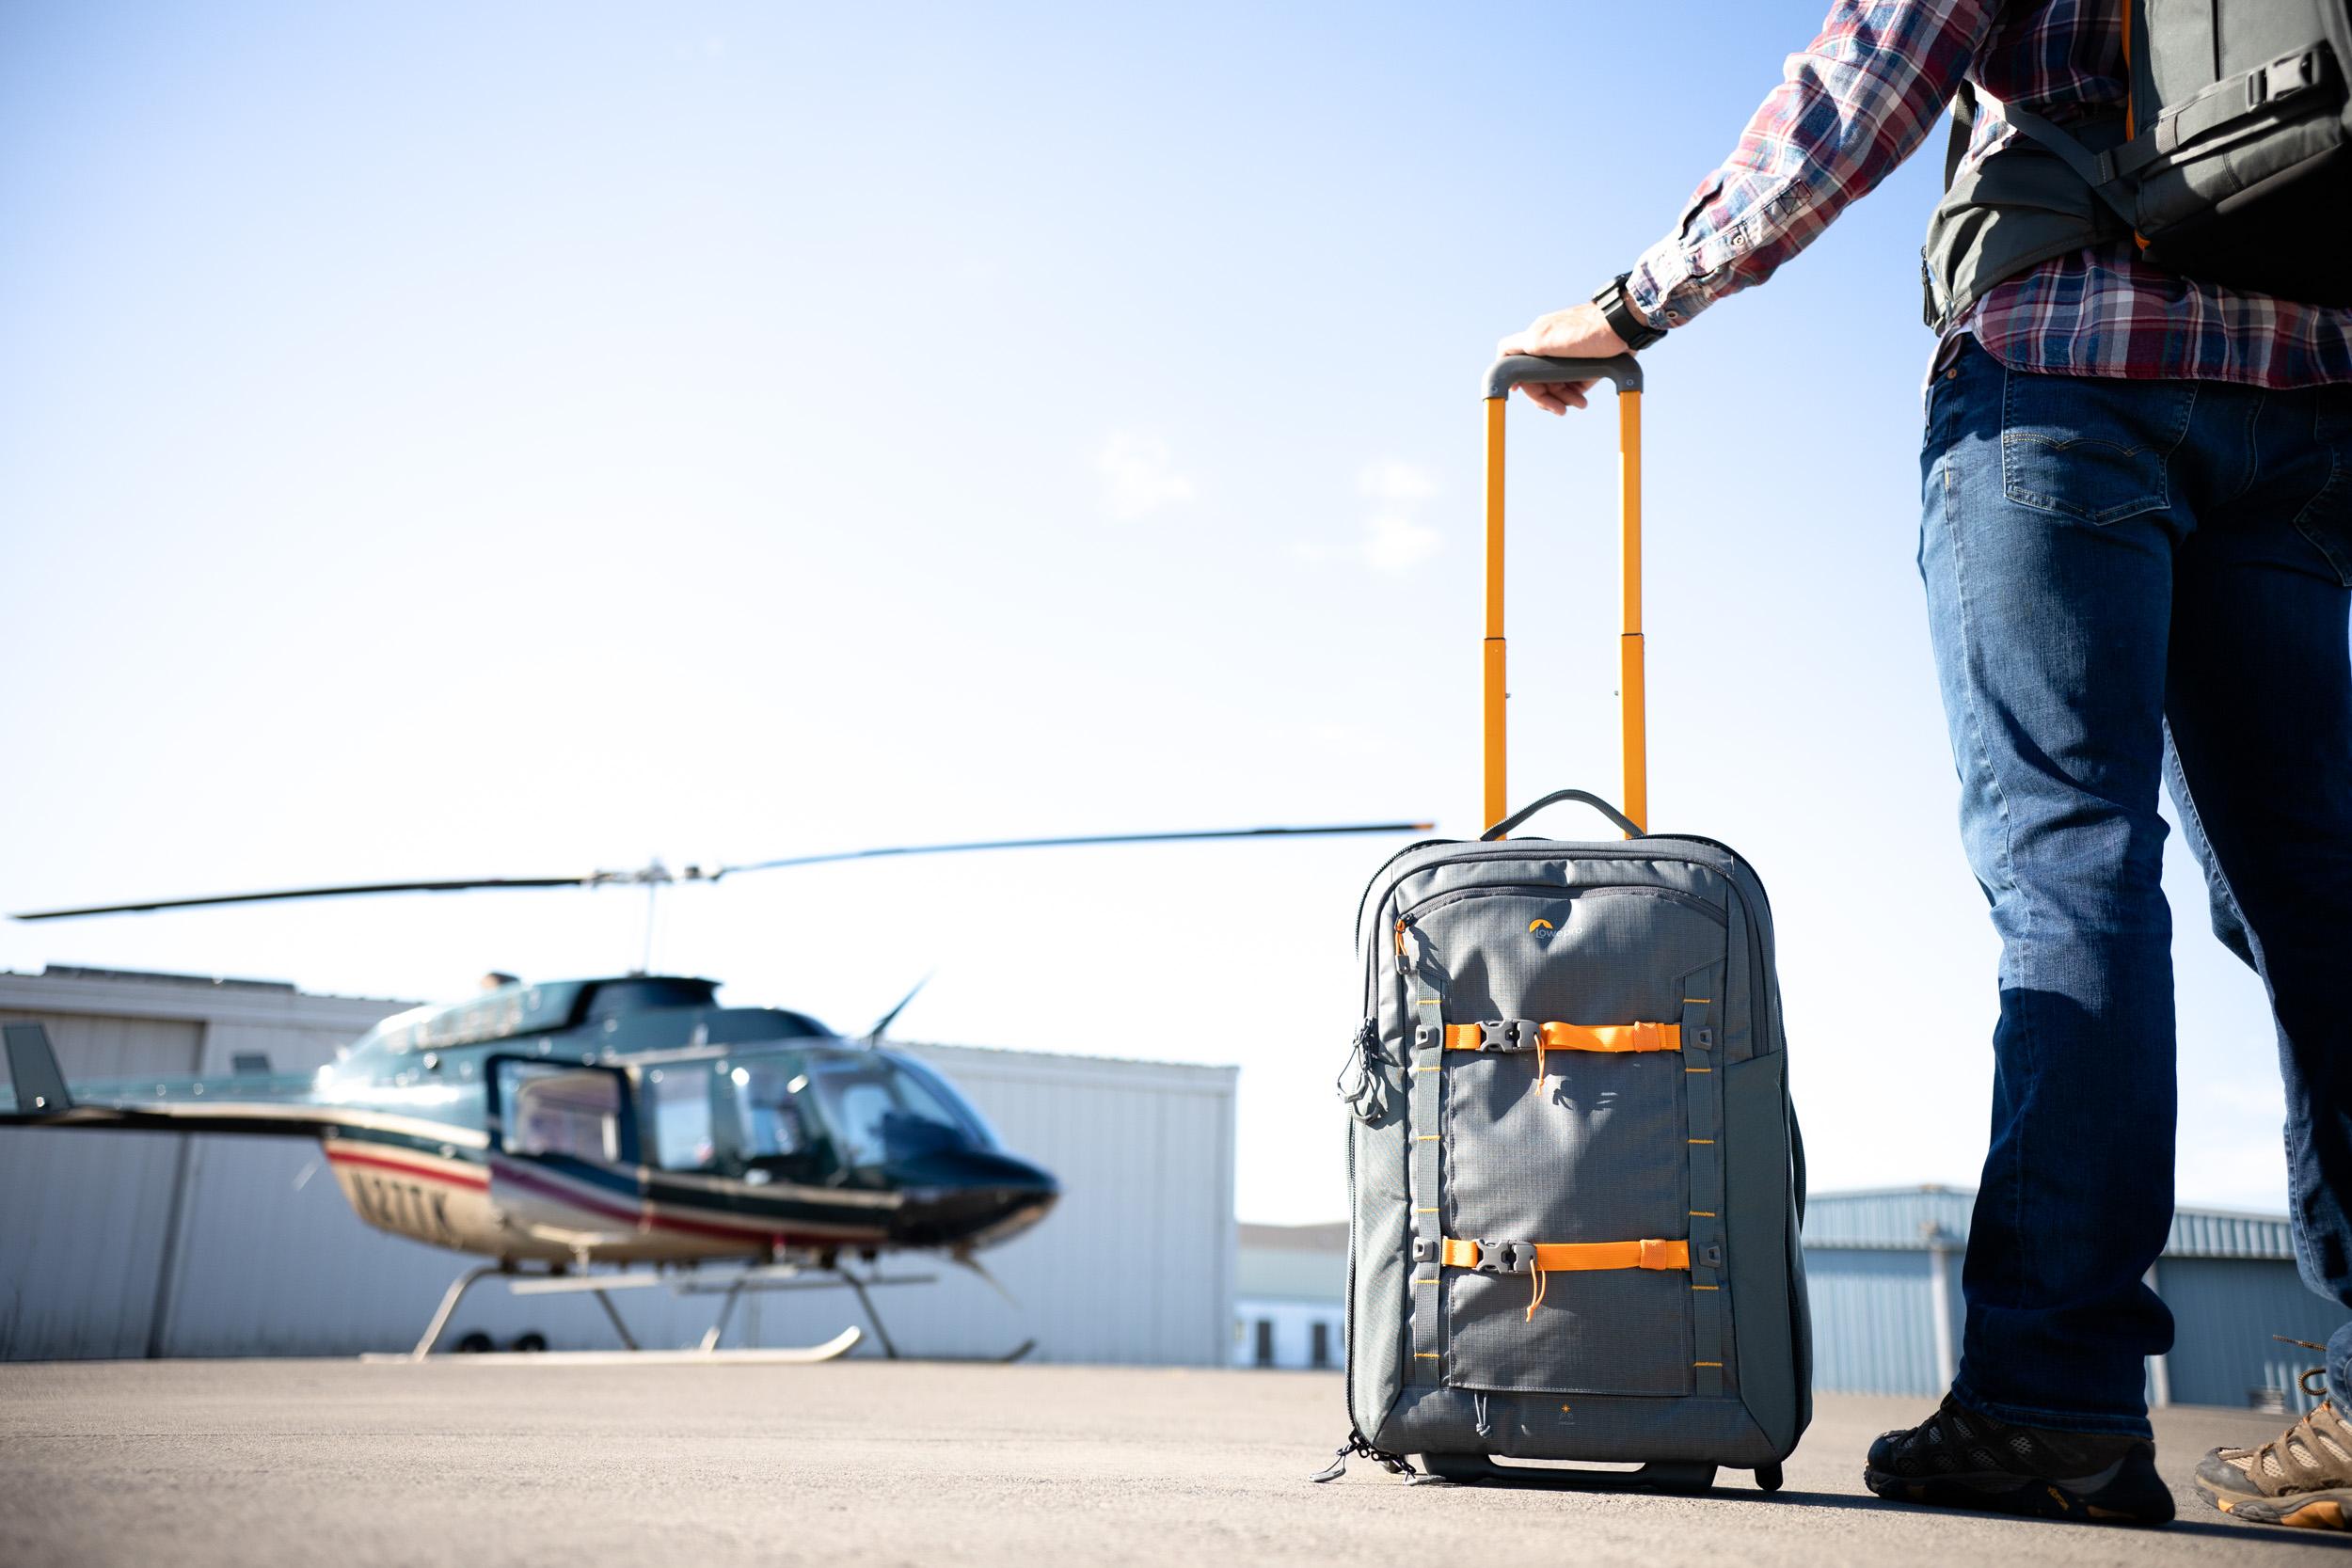 Lowepro Whistler RL 400 AW II: Robuster Profi-Rollkoffer in Handgepäckgröße für sicheren Schutz auf jeder Reise.